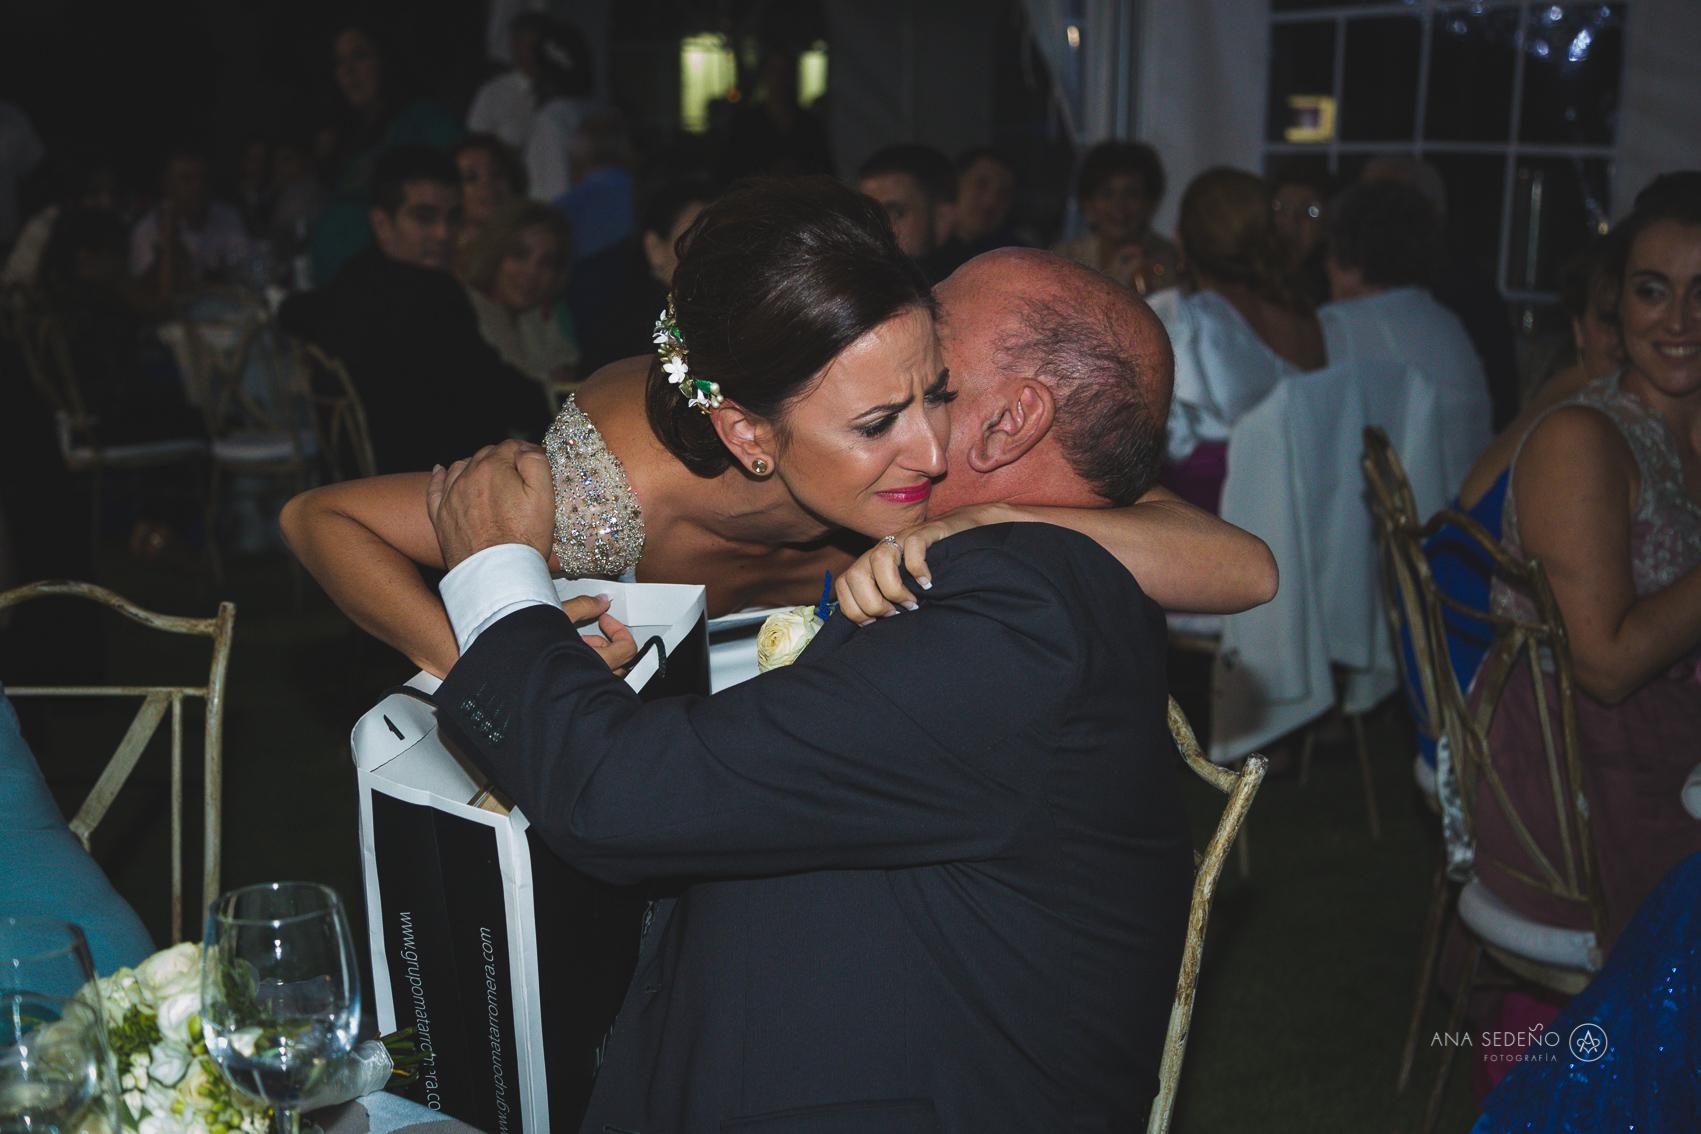 Ana Sedeño Fotografa.-106